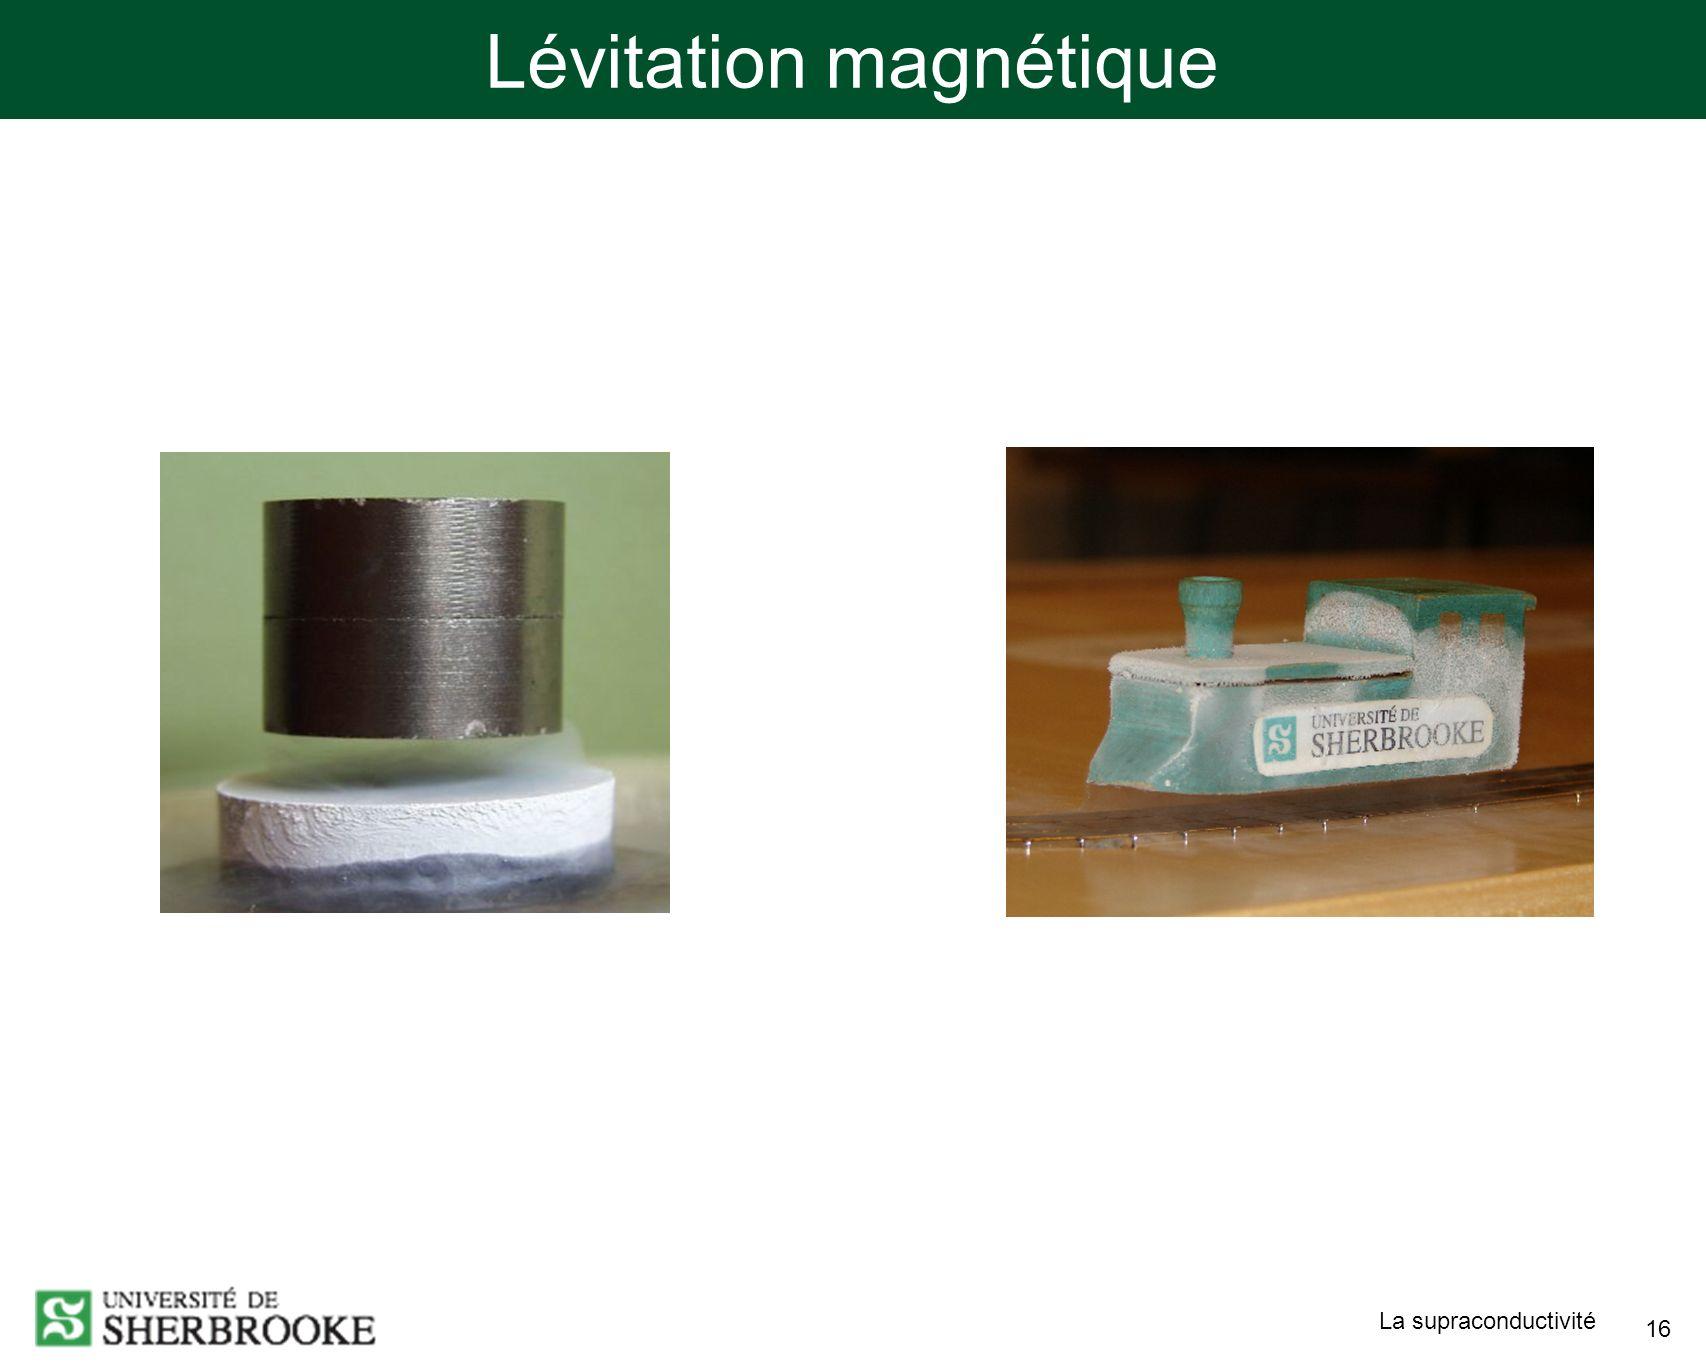 Lévitation magnétique